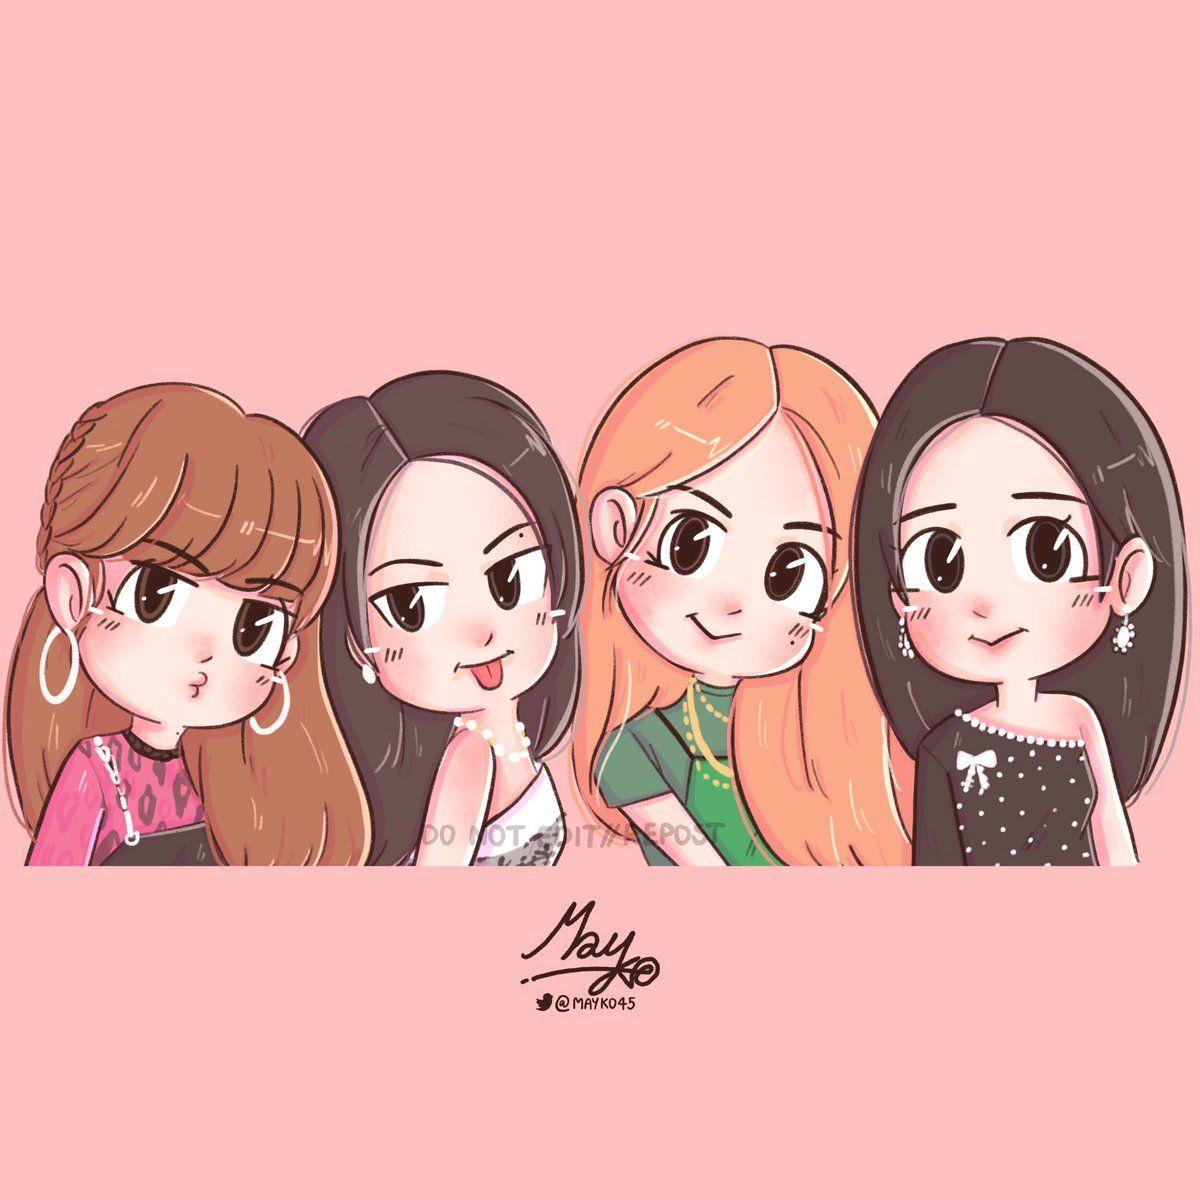 Jennie Cute Cartoon Wallpapers Pink Wallpaper Anime Girls Cartoon Art